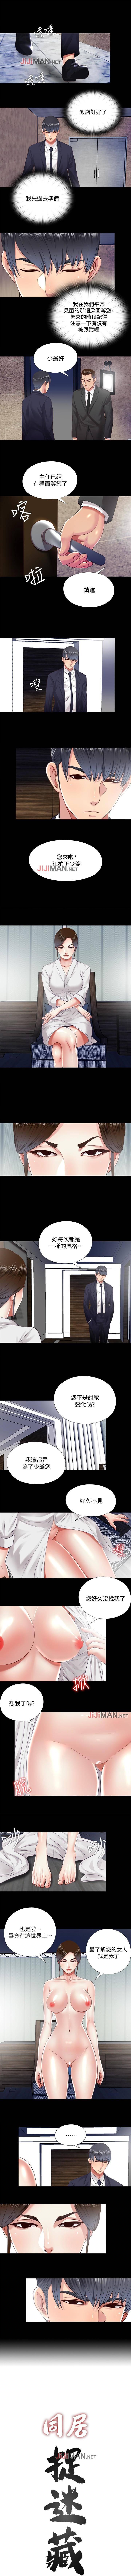 【已完结】同居捉迷藏(作者:林巨星) 第1~30话 47